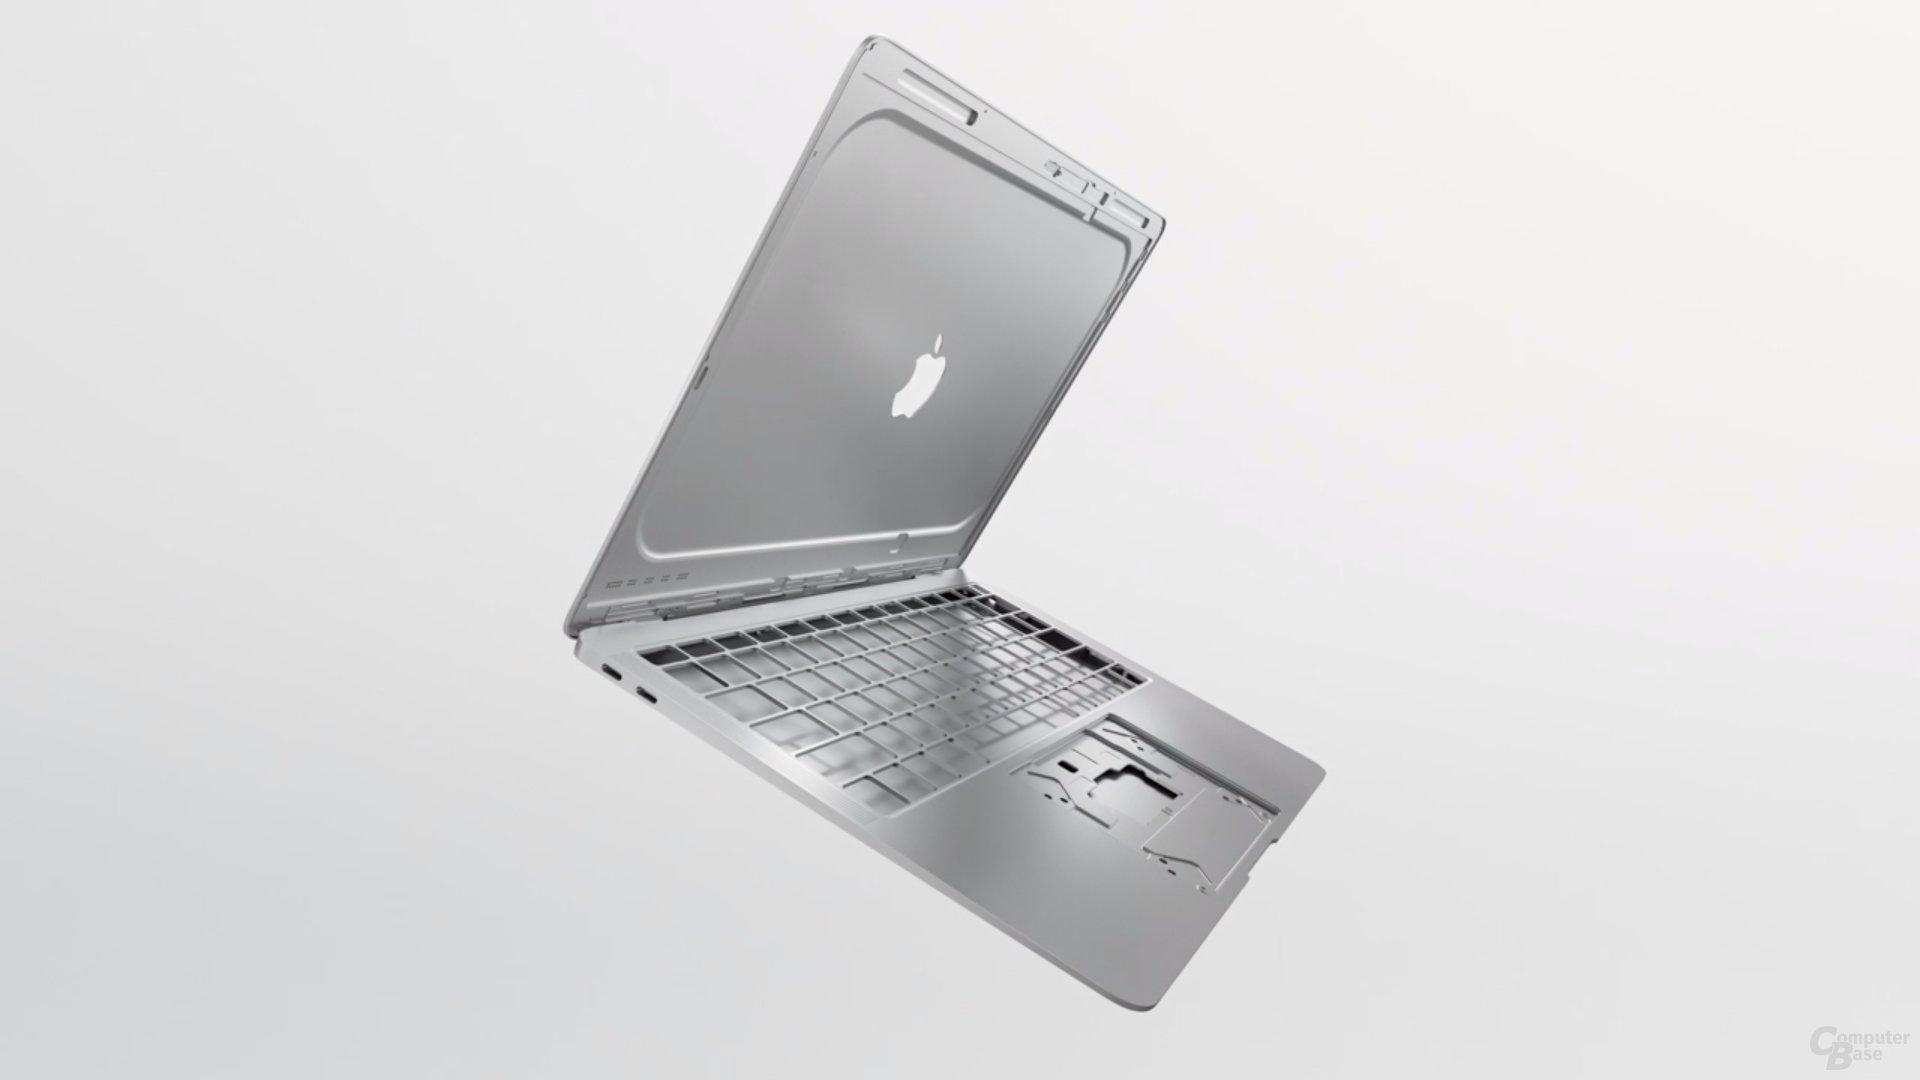 Das Gehäuse setzt zu 100 Prozent auf recyceltes Aluminium